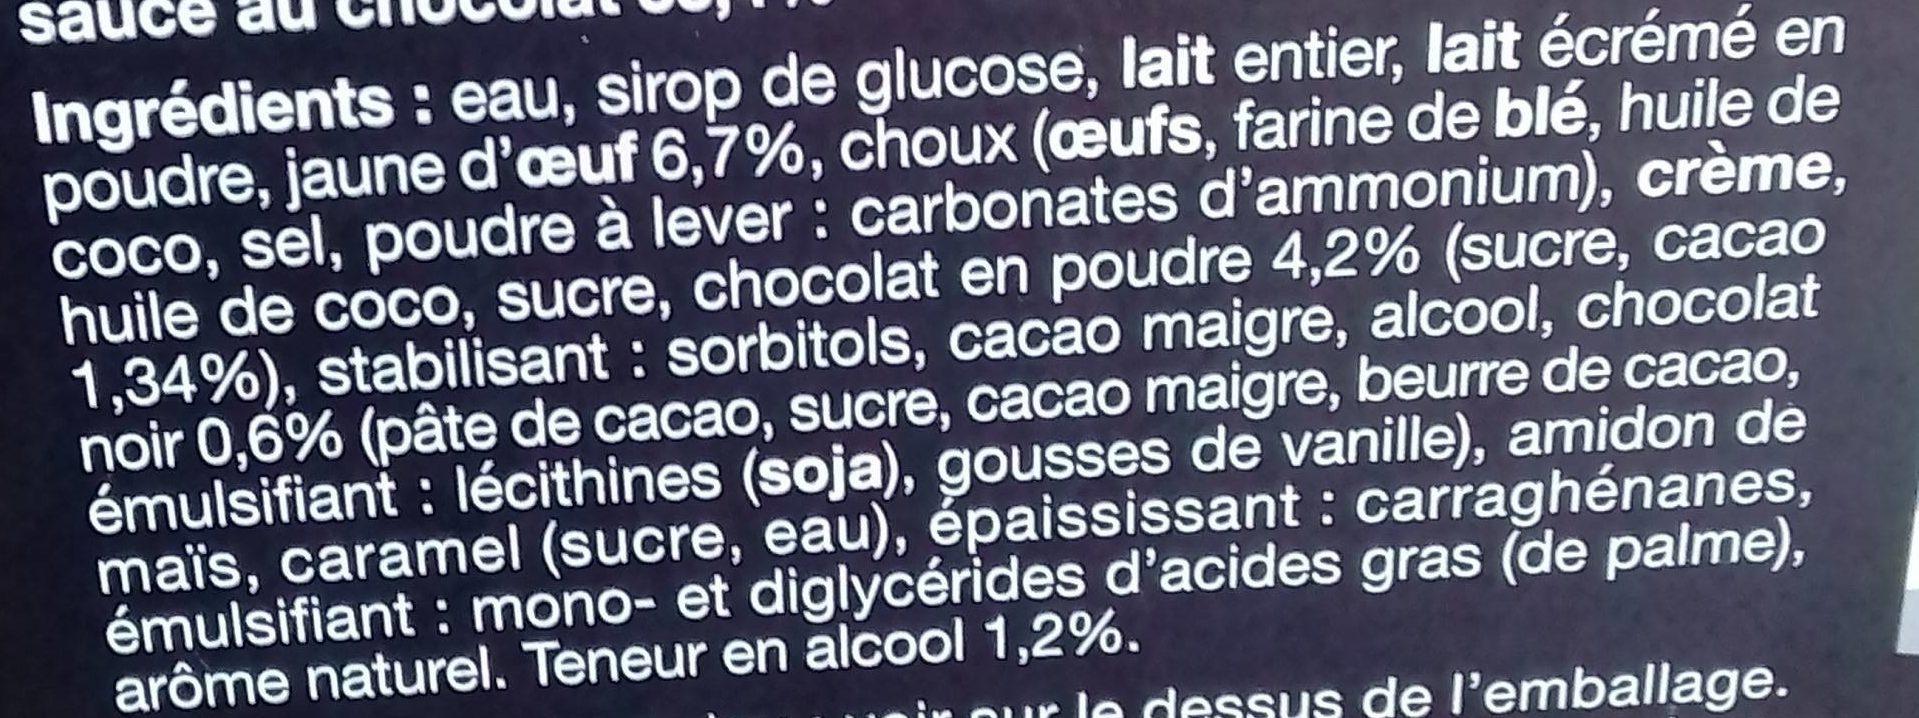 Profiteroles à la Crème Pâtissière et Sauce au Chocolat - Ingredients - fr